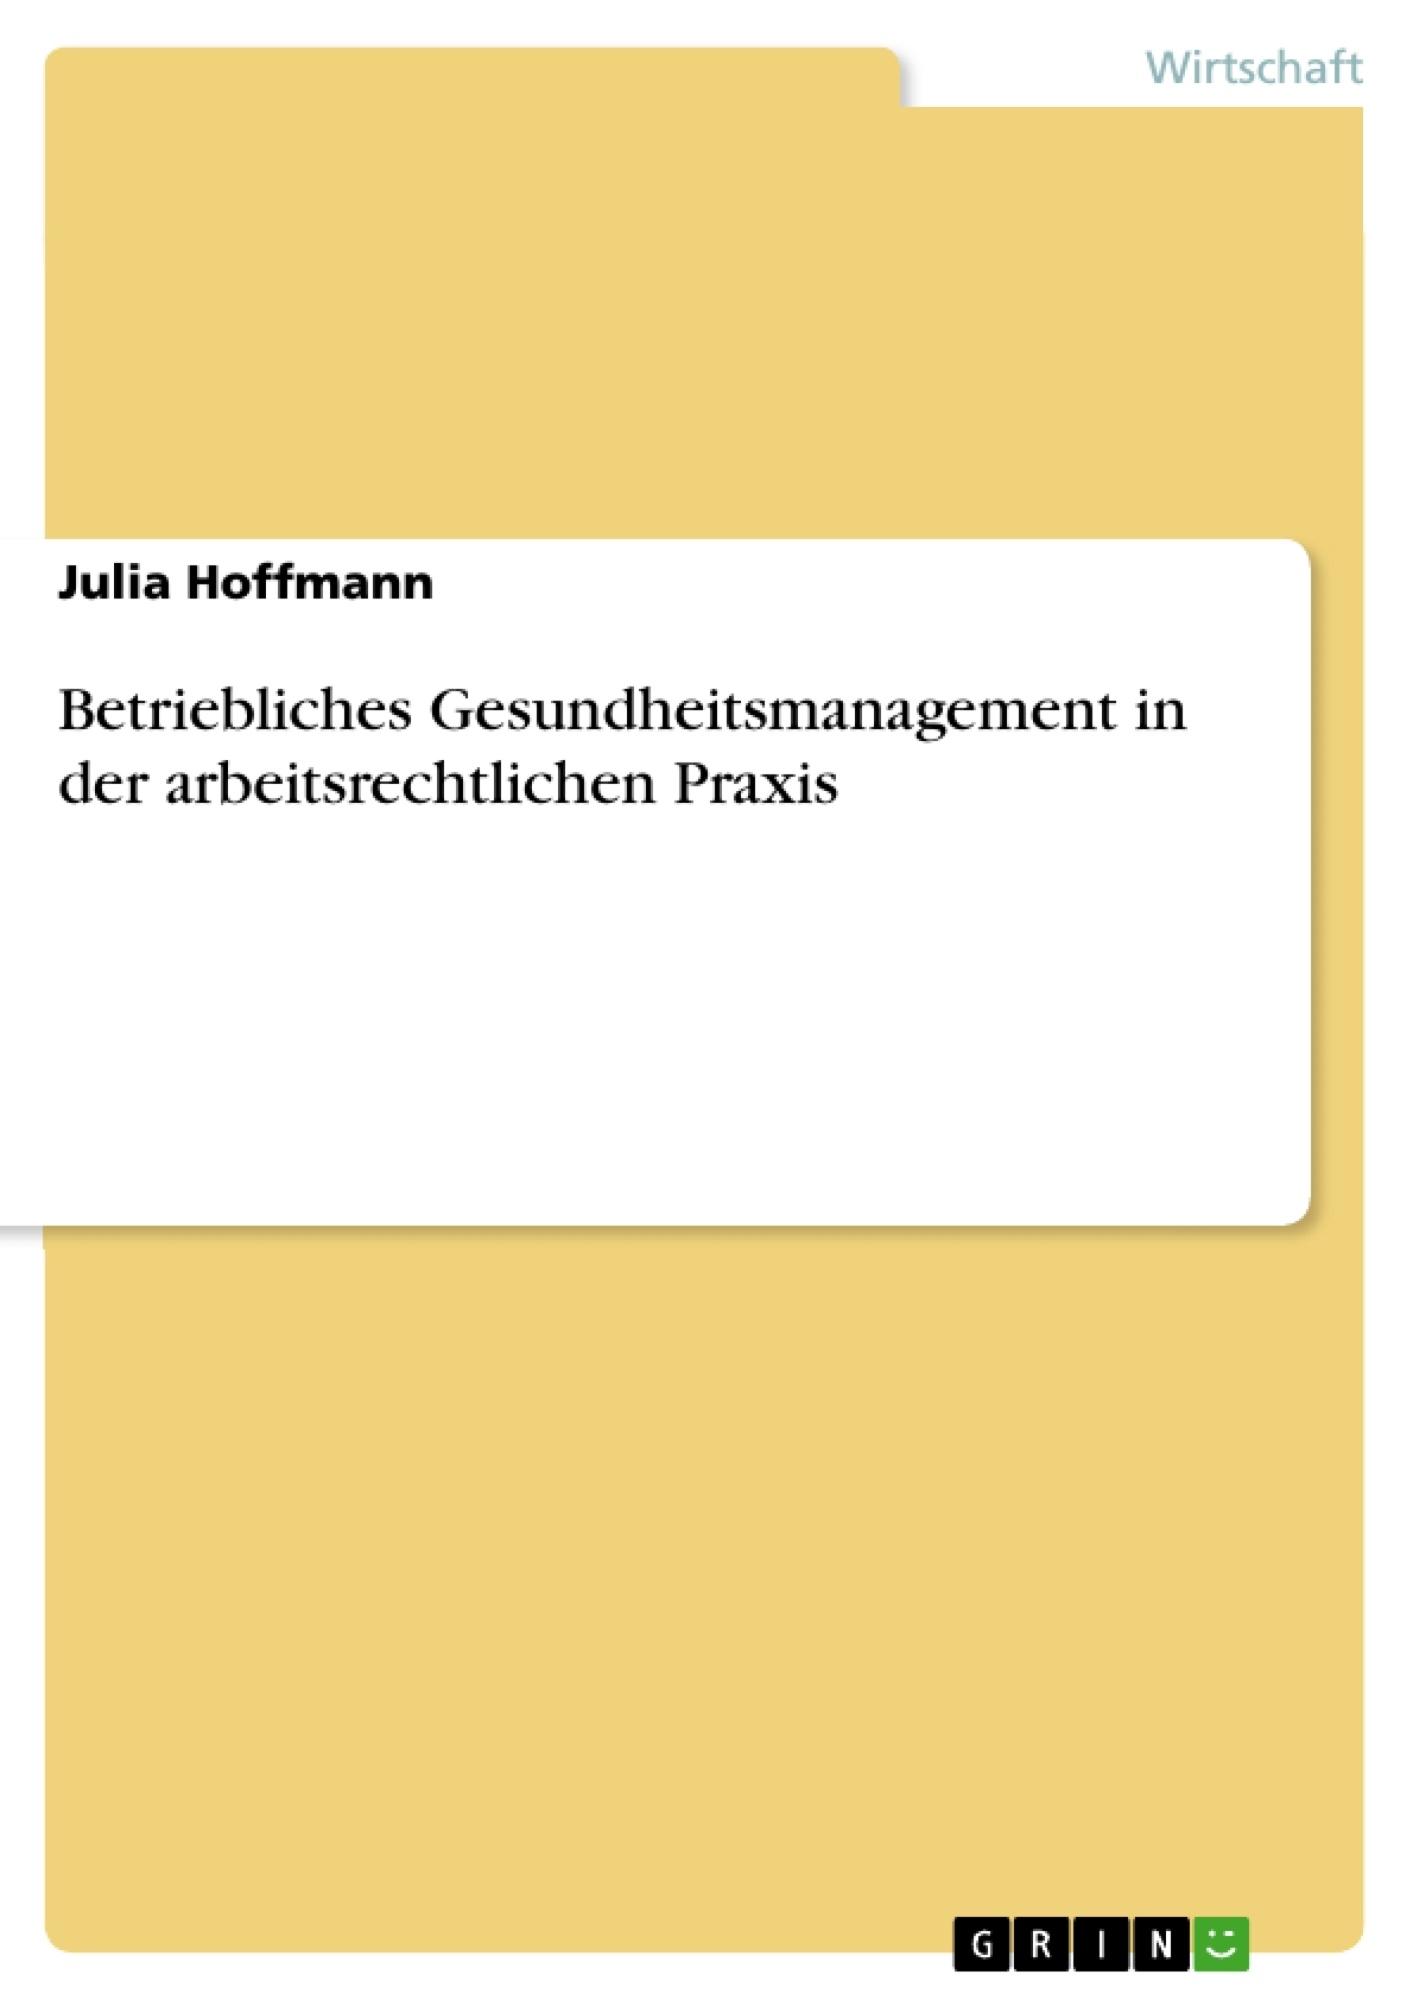 Titel: Betriebliches Gesundheitsmanagement in der arbeitsrechtlichen Praxis